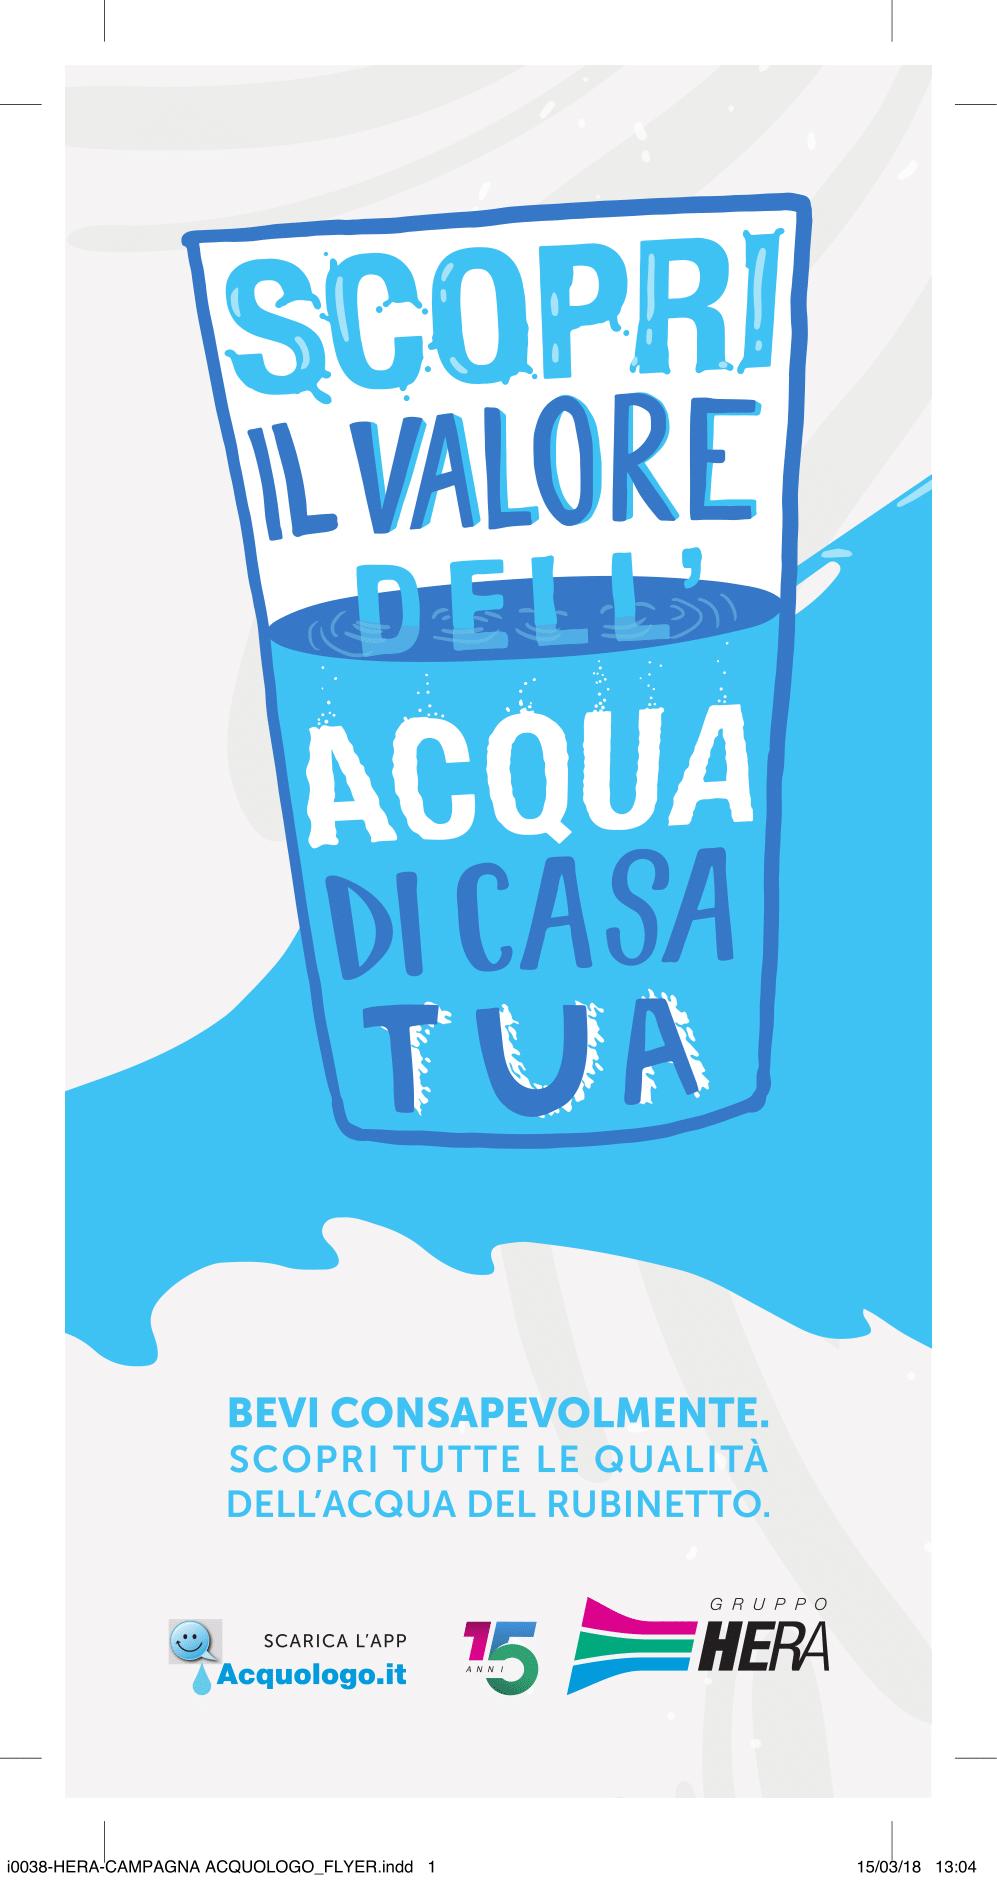 Scopri il valore dell acqua di casa tua - Depurare l acqua di casa ...